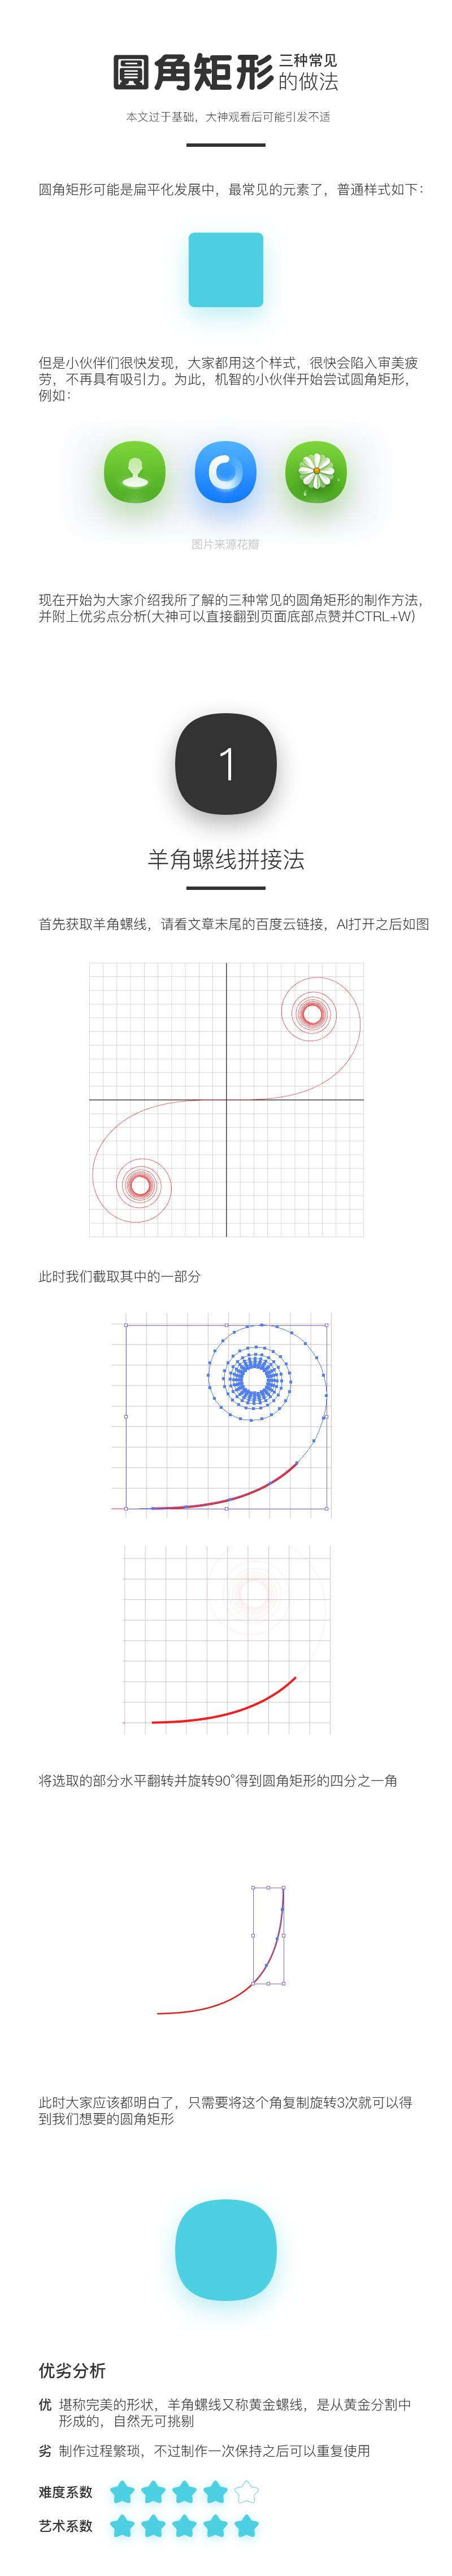 3种圆角矩形绘制方法